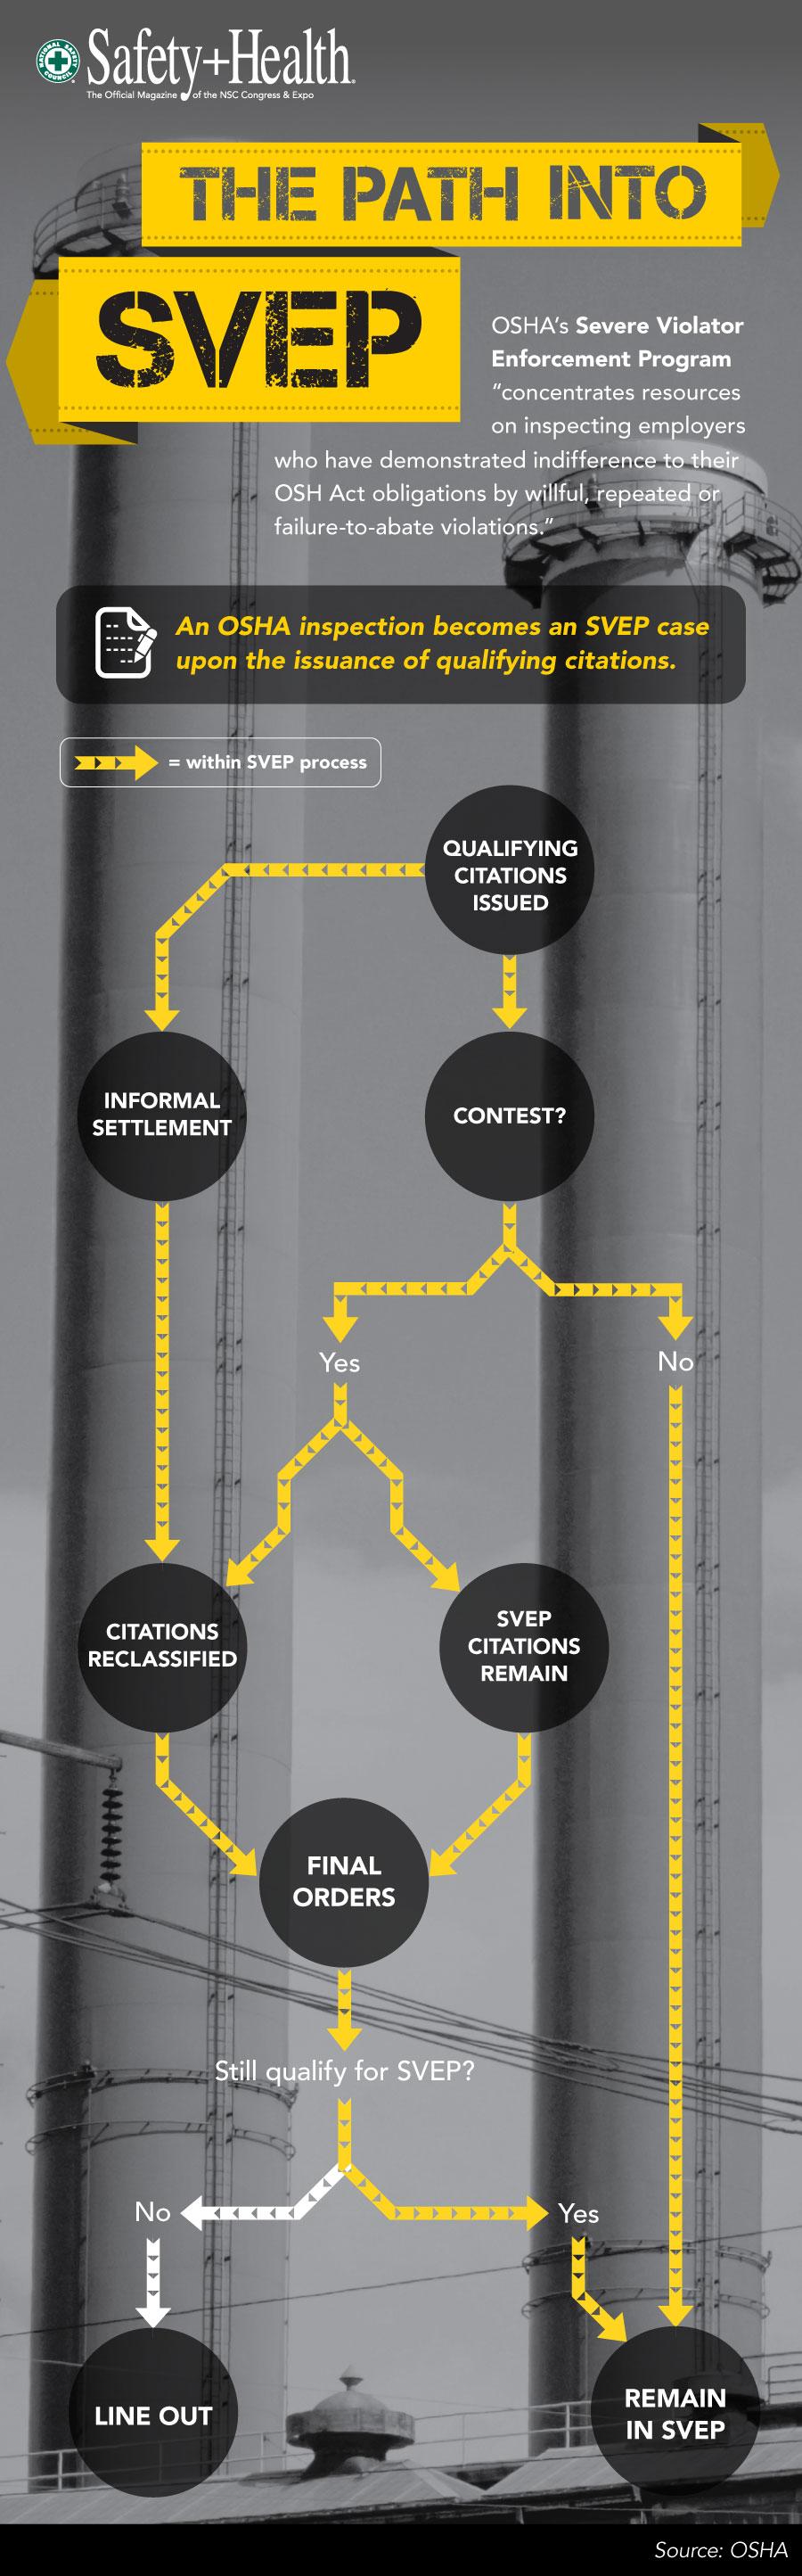 A look at OSHA's Severe Violator Enforcement Program